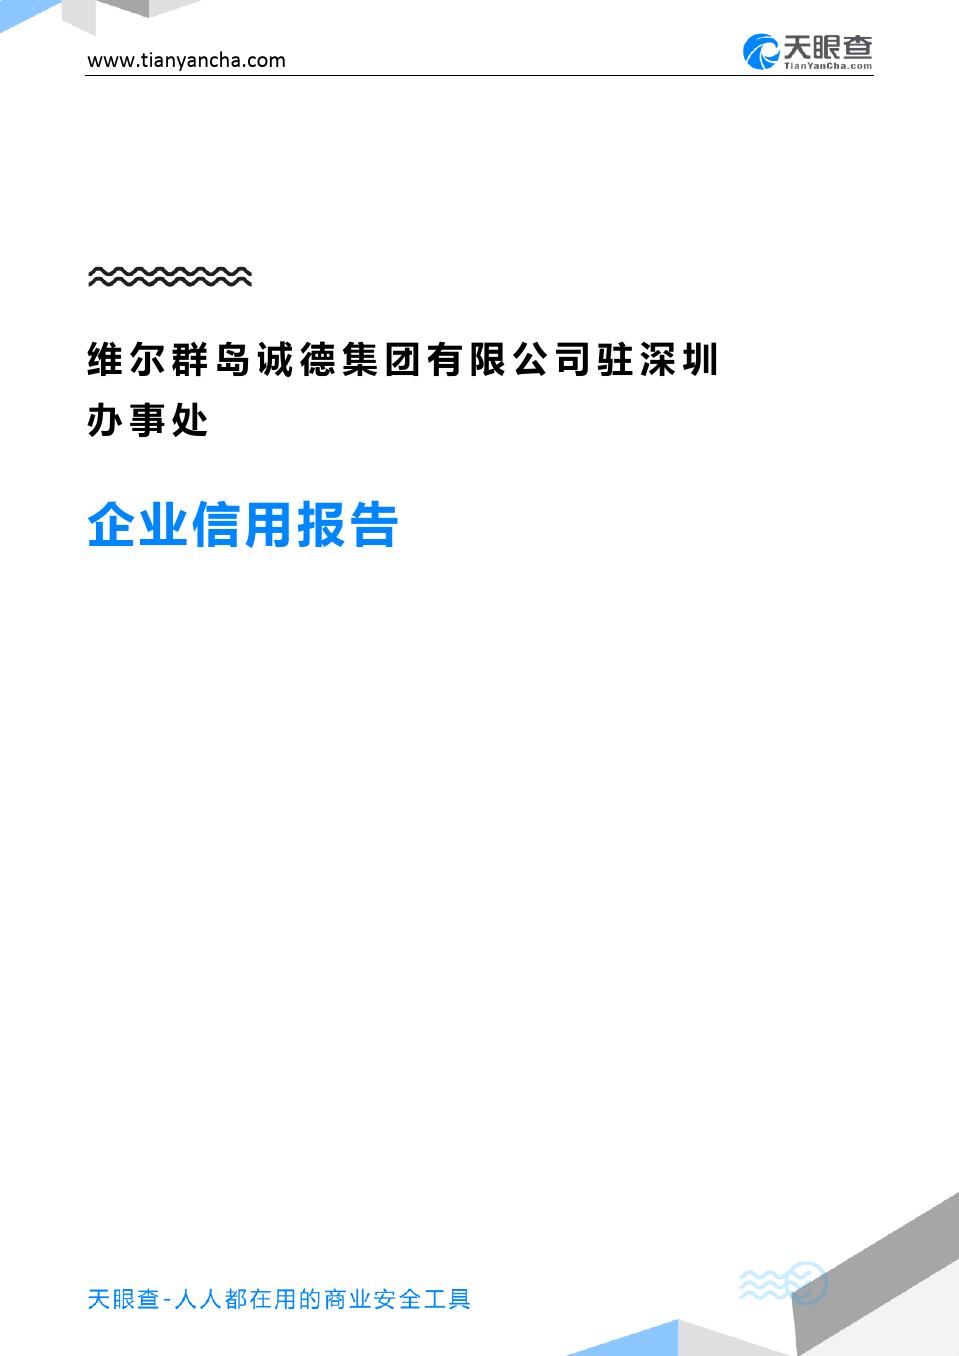 深圳取证公司